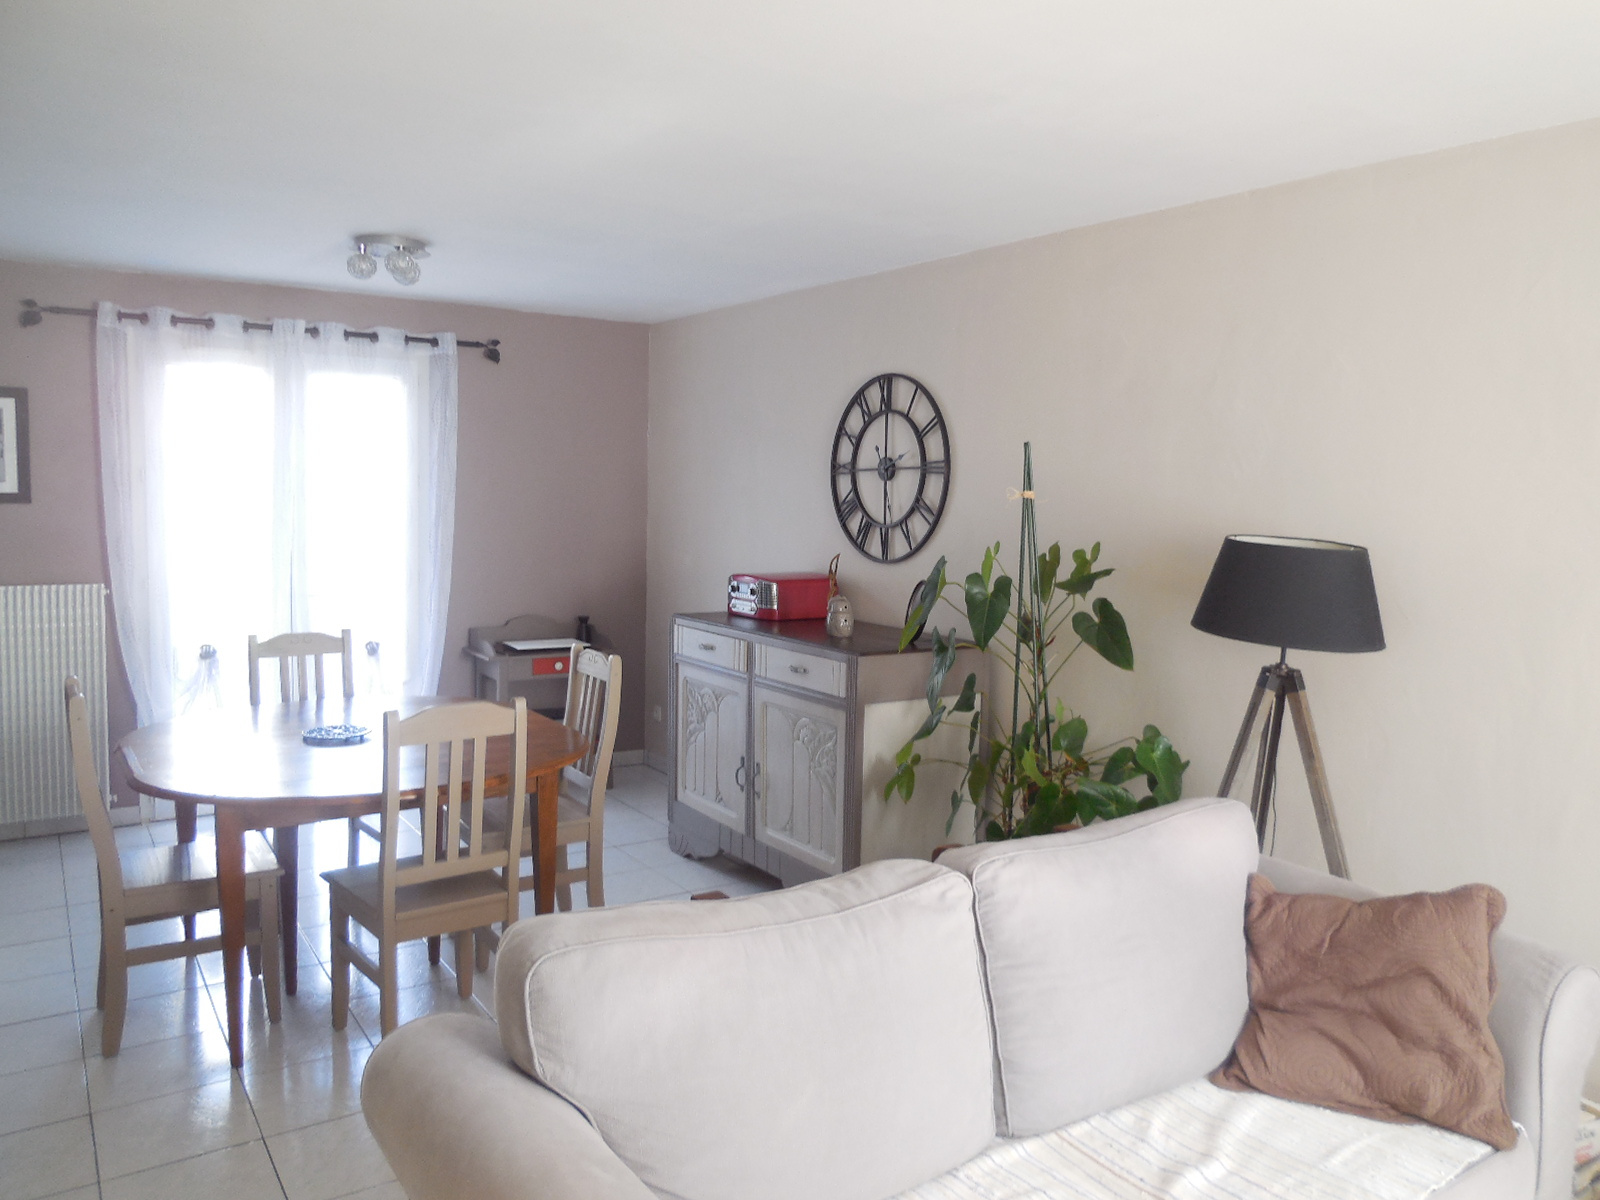 maison/villa la rochelle LA ROCHELLE - MAISON DE TYPE 4 - ENVIRONNEMENT CALME